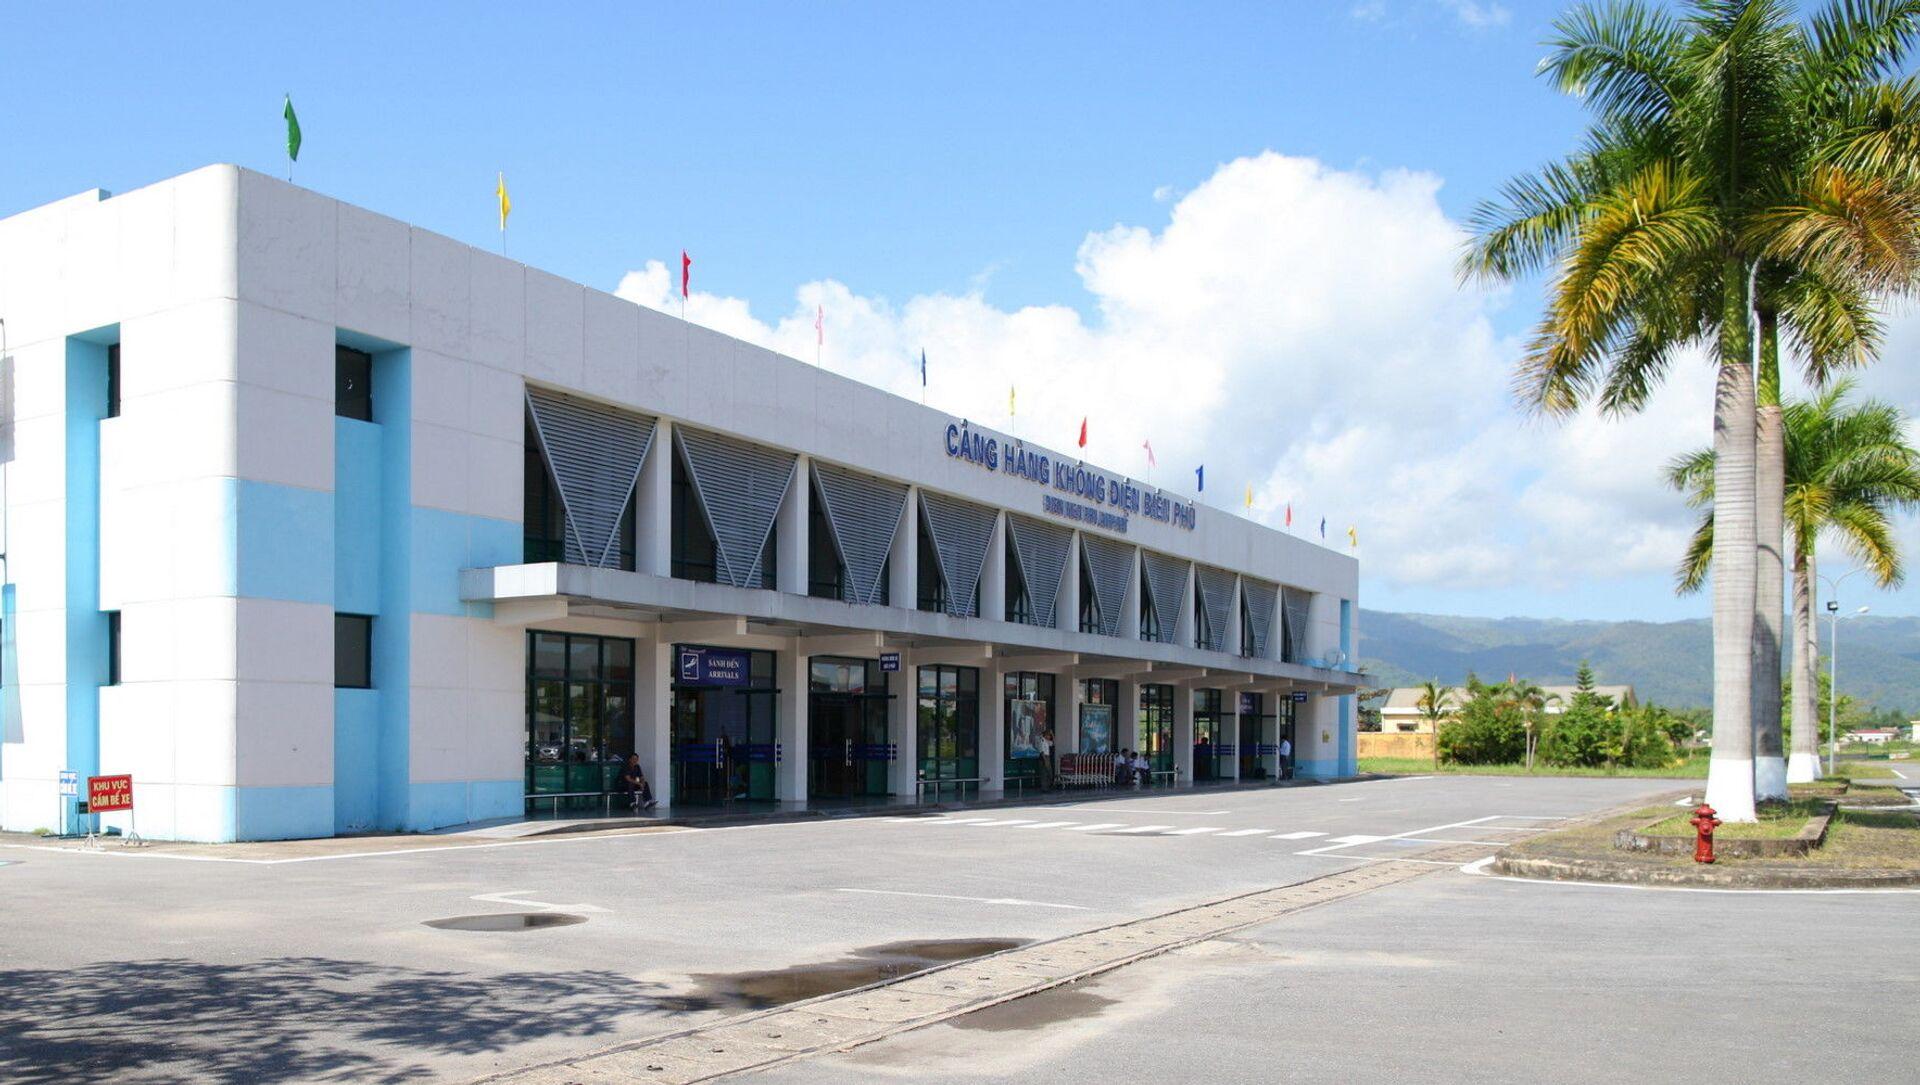 Tòa nhà sân bay Điện Biên Phủ ở Việt Nam - Sputnik Việt Nam, 1920, 28.03.2021